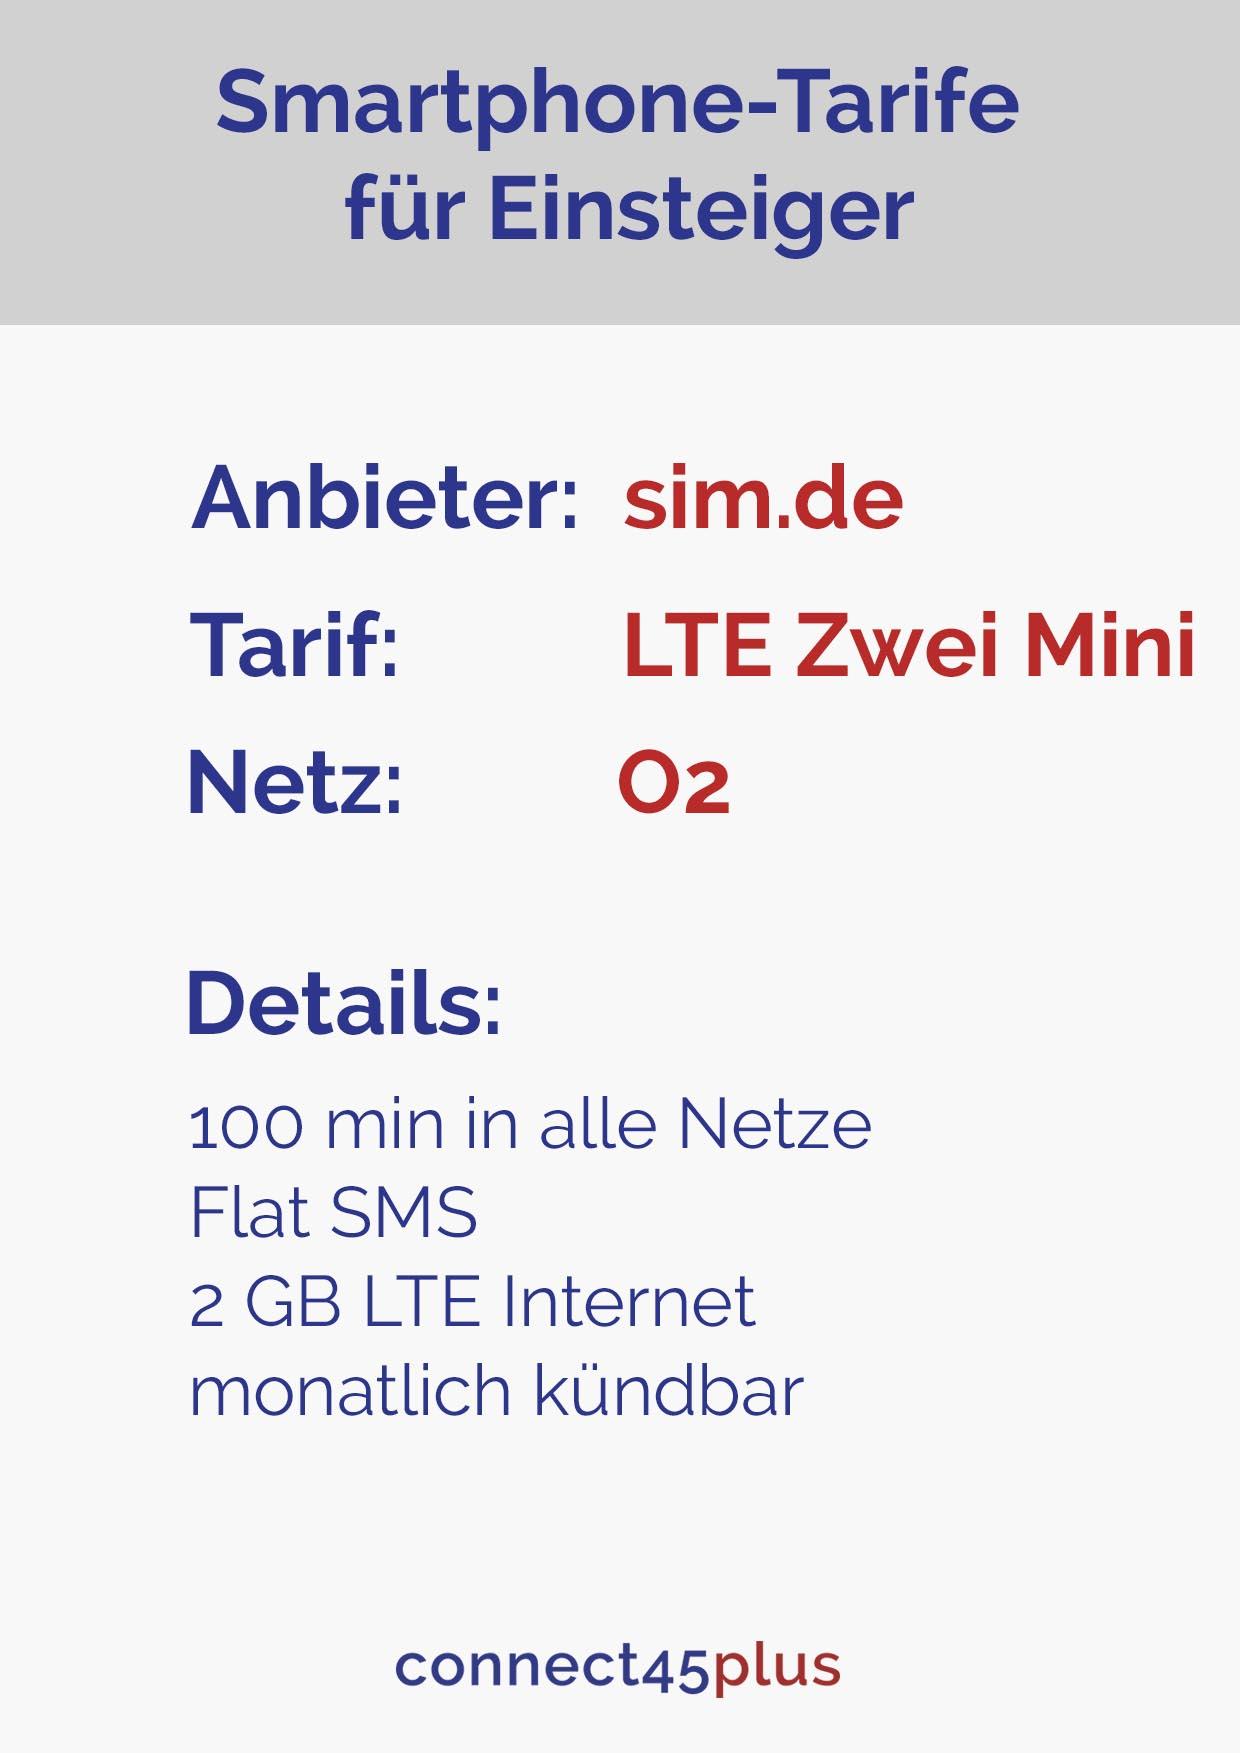 Tarif LTE Zwei Mini